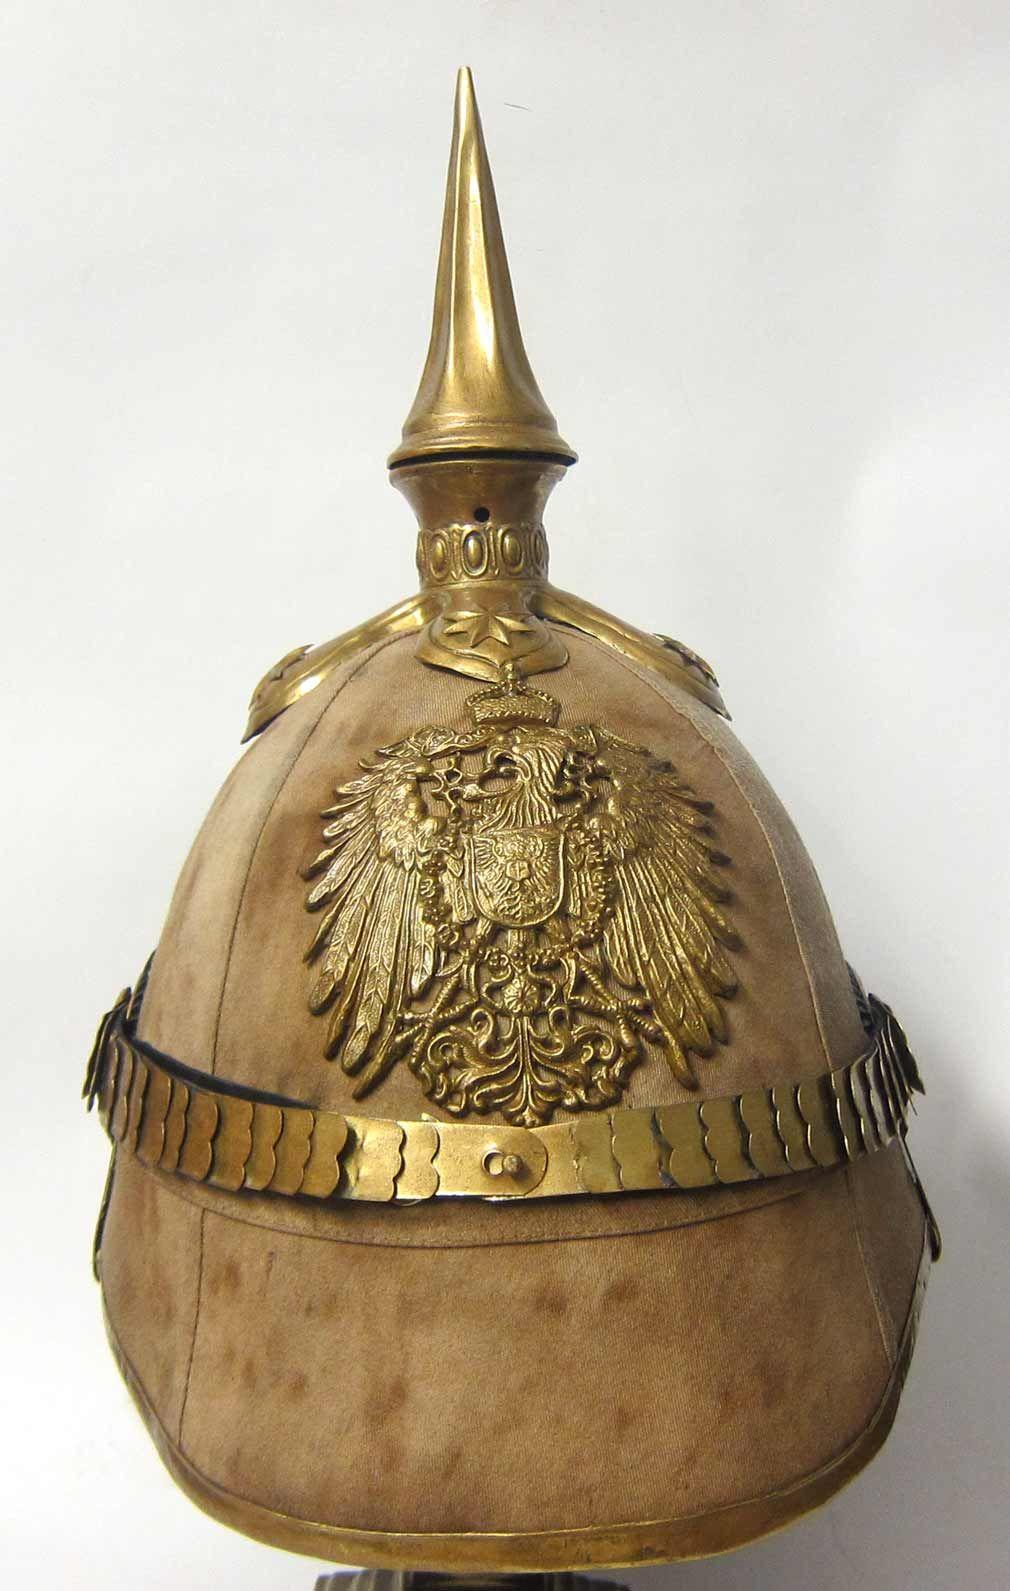 Tropenhelm für offiziere schutztruppe diplomatic corps www warhats com warhats german